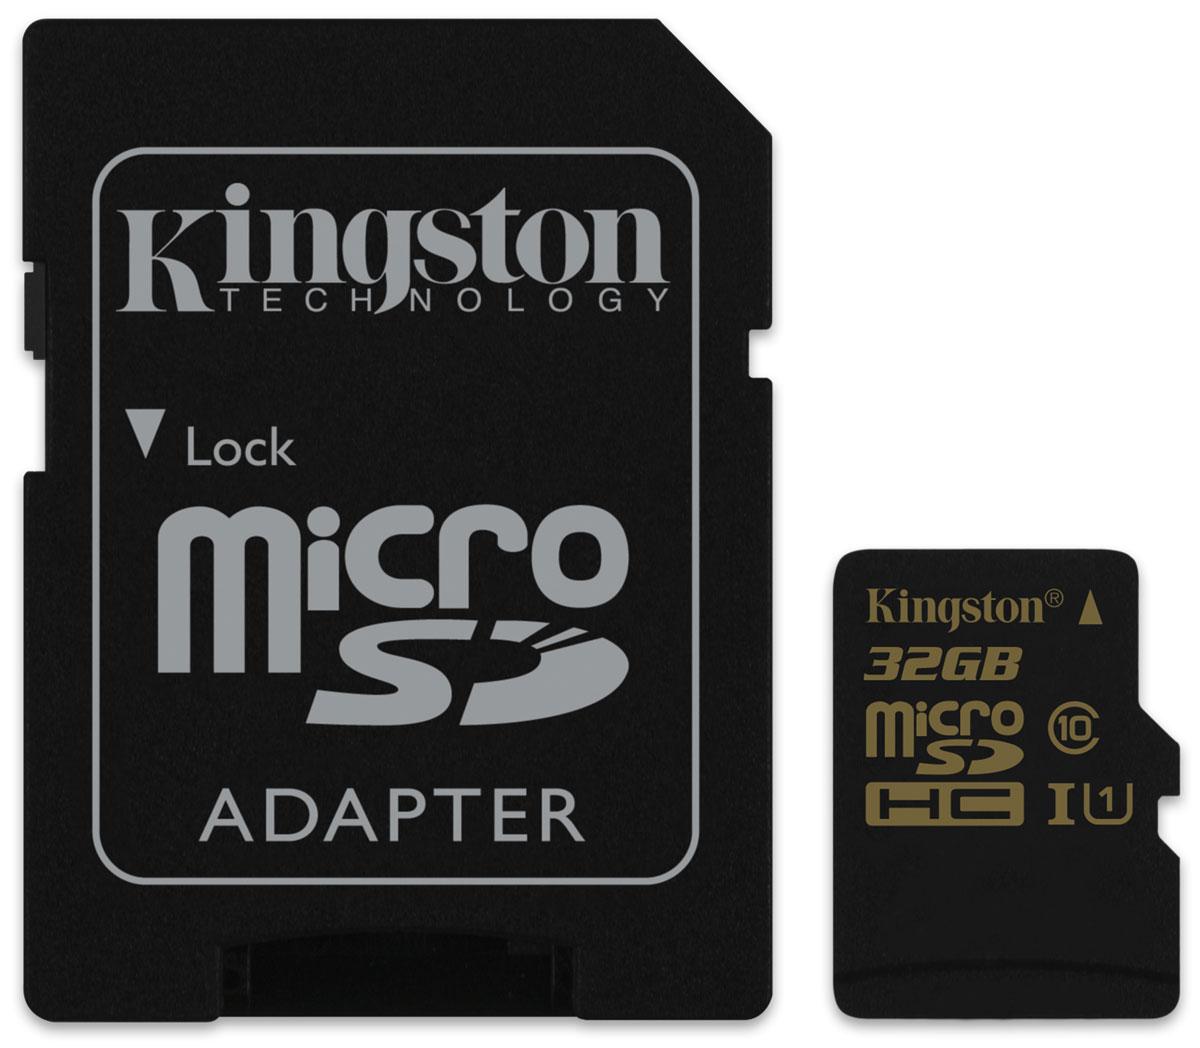 Kingston microSDHC Class 10 UHS-I 32GB карта памяти с адаптеромSDCA10/32GBКарта памяти Kingston microSDHC Class 10 UHS-I обеспечивает скорость чтения 90 МБ/с и записи 45 МБ/с; она считывает до 9 раз быстрее и записывает до 4,5 раза быстрее, чем стандартные карты памяти microSDHC Class 10. Технология UHS-I U1 позволяет снимать видео в формате Full HD, трехмерное видео и прямые трансляции без задержек, а также выполнять серийную съемку с помощью телефона. Более высокие минимальные скорости записи обеспечивают высокое качество видео без рывков и быструю передачу данных, особенно при использовании устройств чтения карт памяти с интерфейсом USB 3.0 компании Kingston. Карты памяти Kingston microSDHC Class 10 UHS-I позволяют записывать больше видео без замены карт. На карте памяти можно хранить до 80 минут видео (48 Мбит/с), до 28 сжатых видео формата MP4 или до 8302 файлов MP3, чтобы вы всегда могли брать коллекции видео и музыки с собой в дорогу. Эта универсальная карта памяти водонепроницаема, ударостойка и виброустойчива, имеет защиту от...